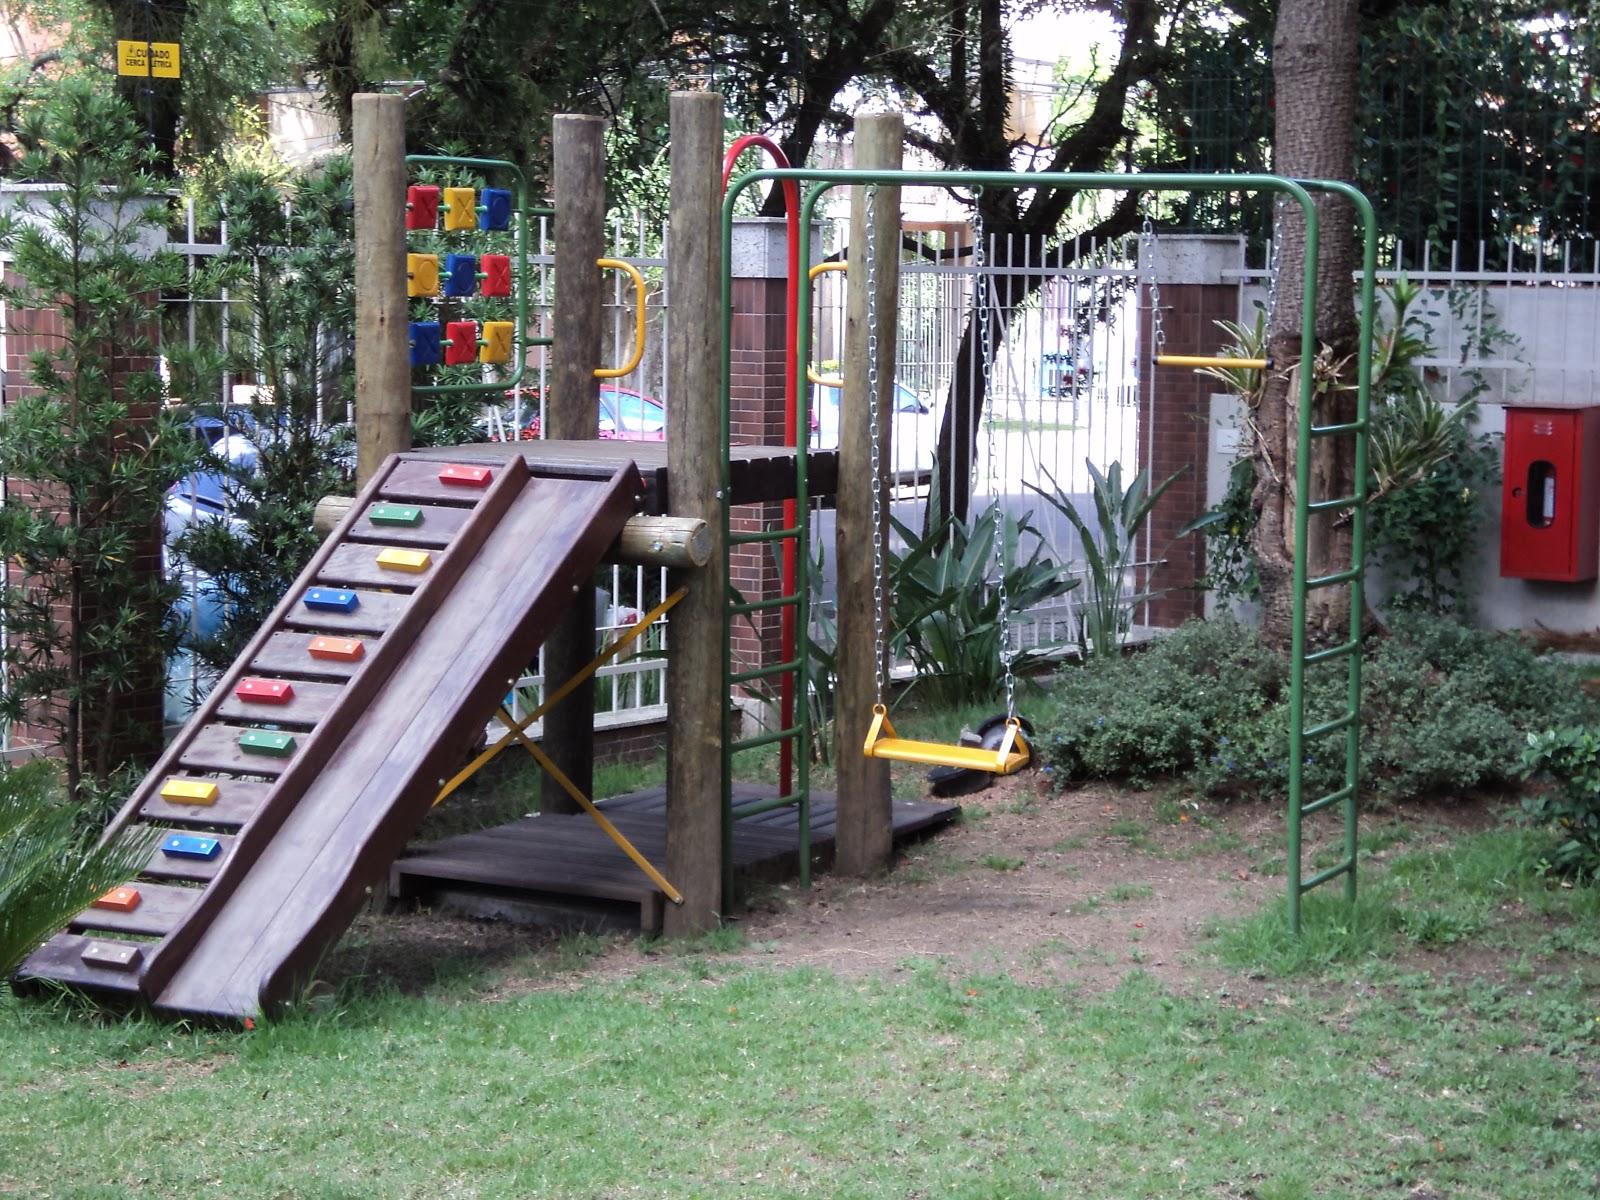 Parkel ndia playground e mobili rio urbano for Mobiliario urbano caracteristicas